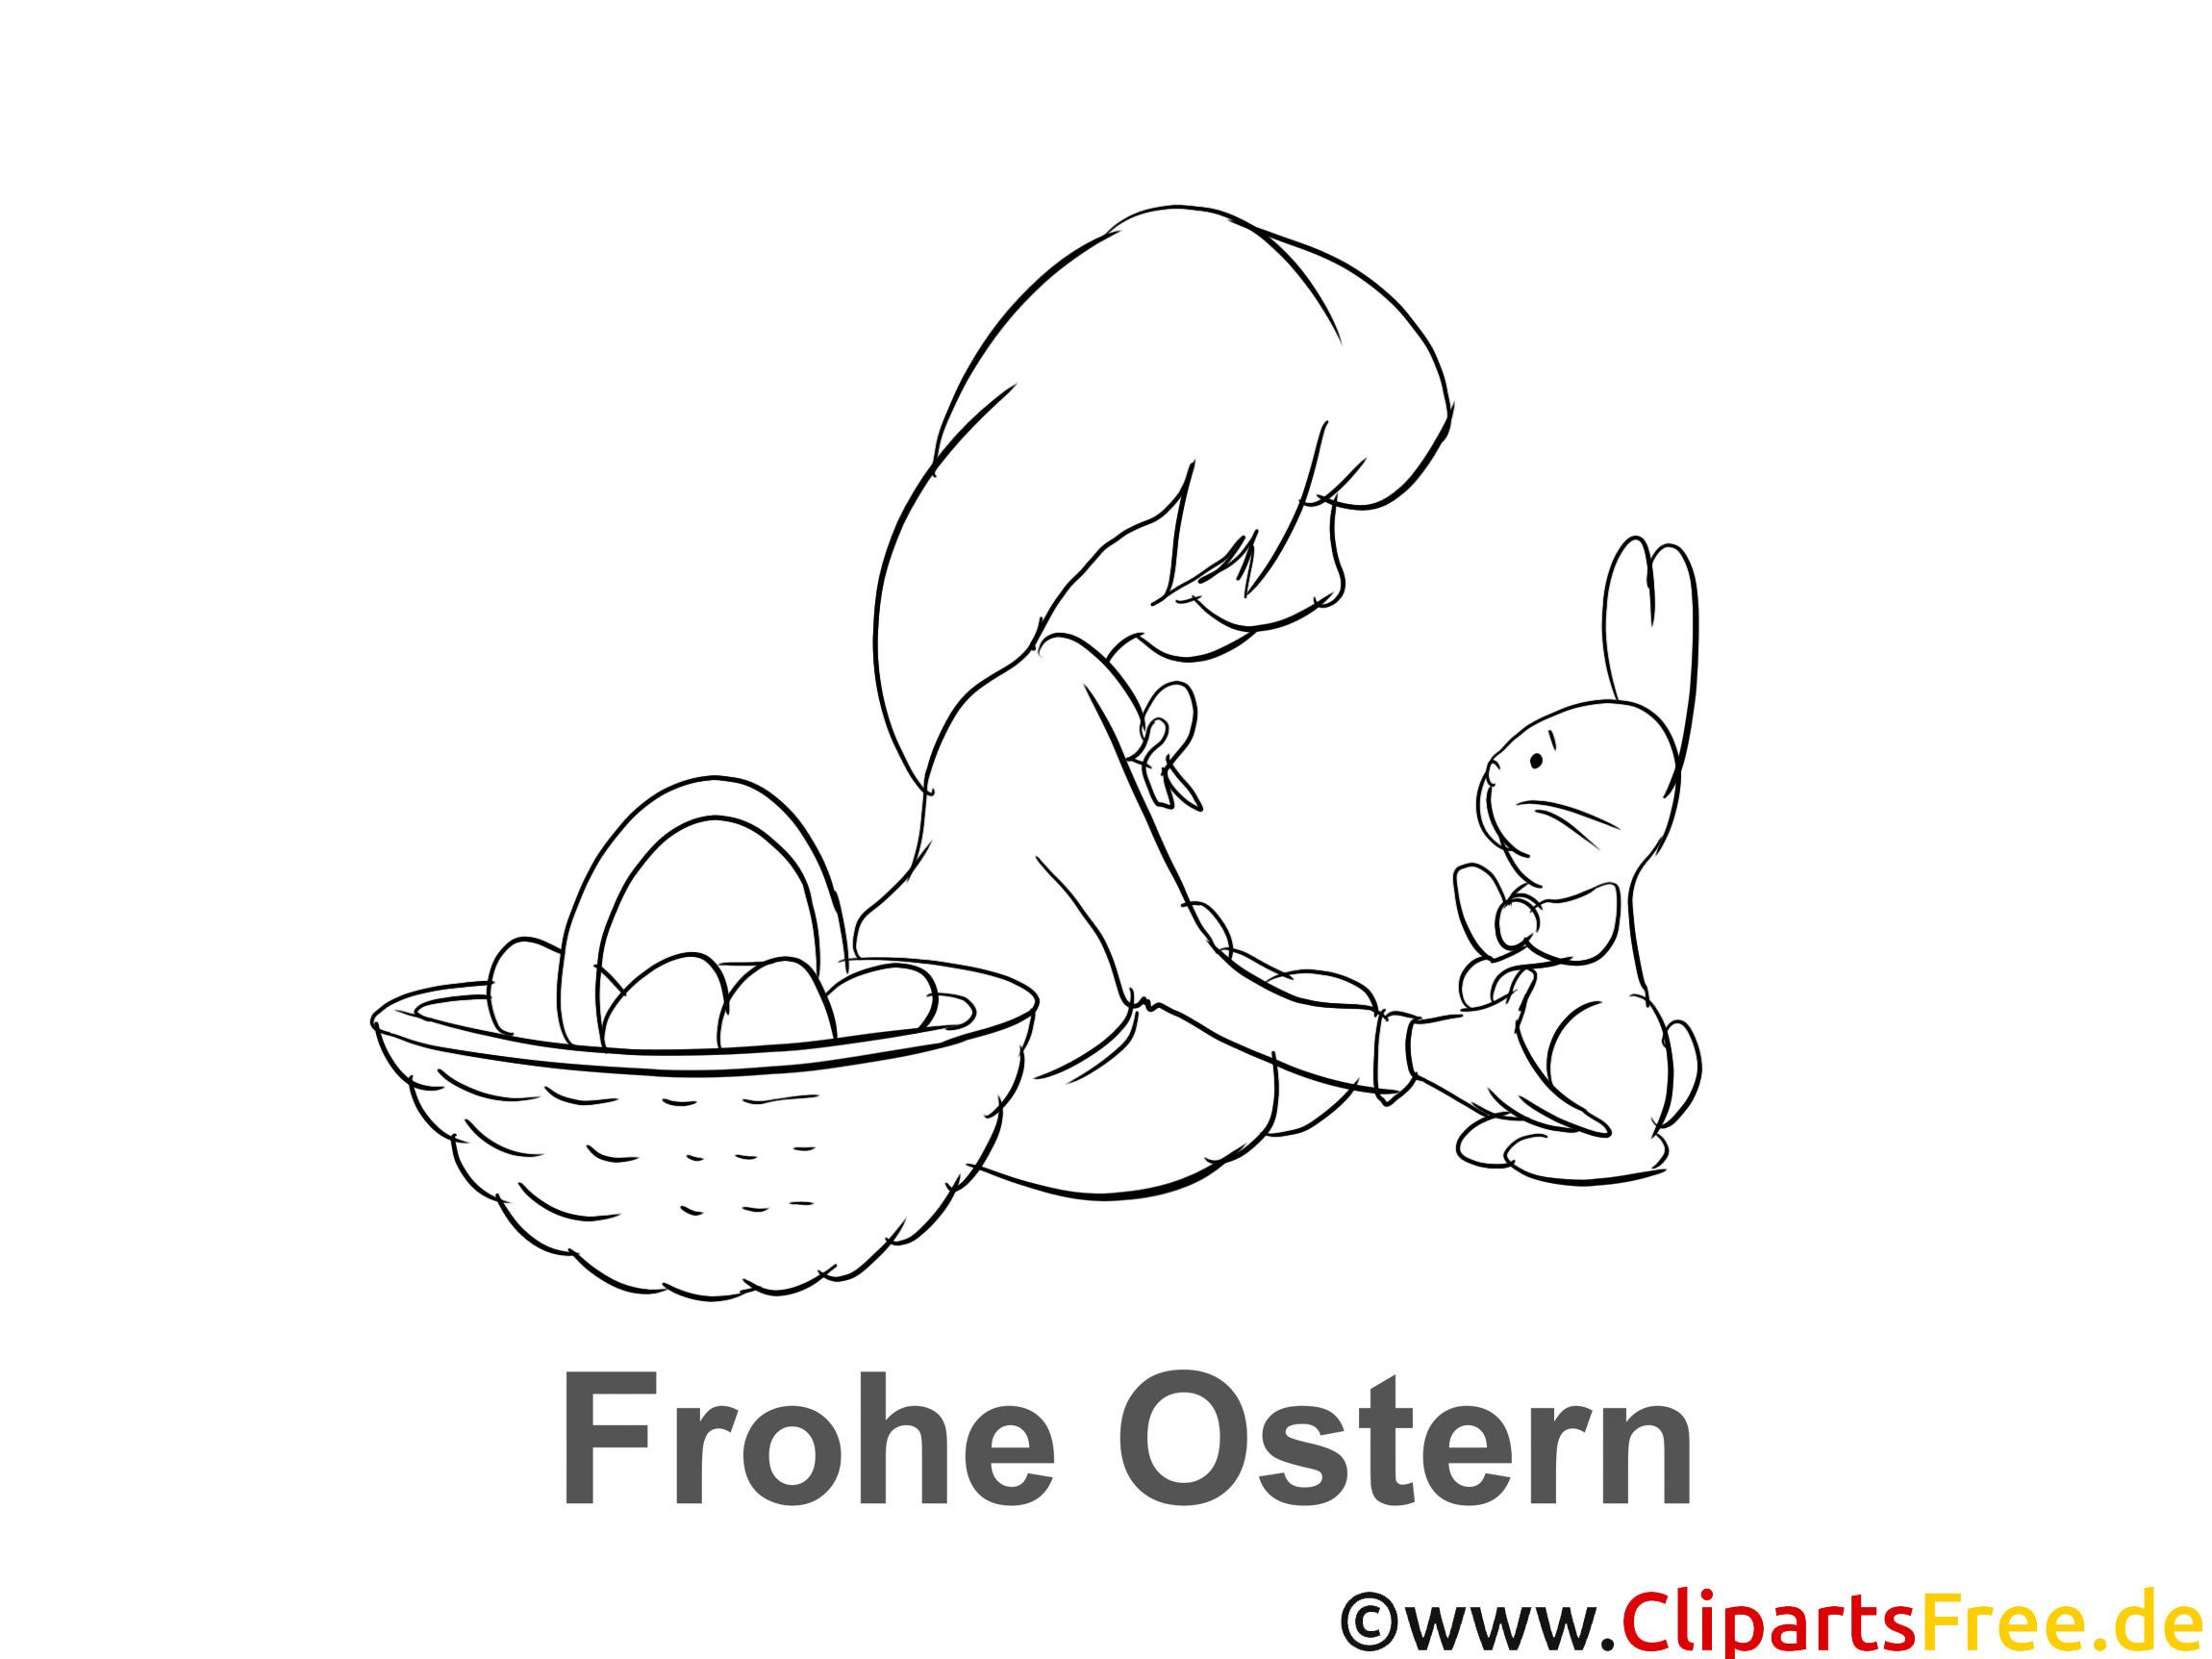 Ausmalbilder Ostern Hase Genial Ausmalbilder Ostern Kostenlos Ausdrucken Elegant Frohe Ostern Galerie